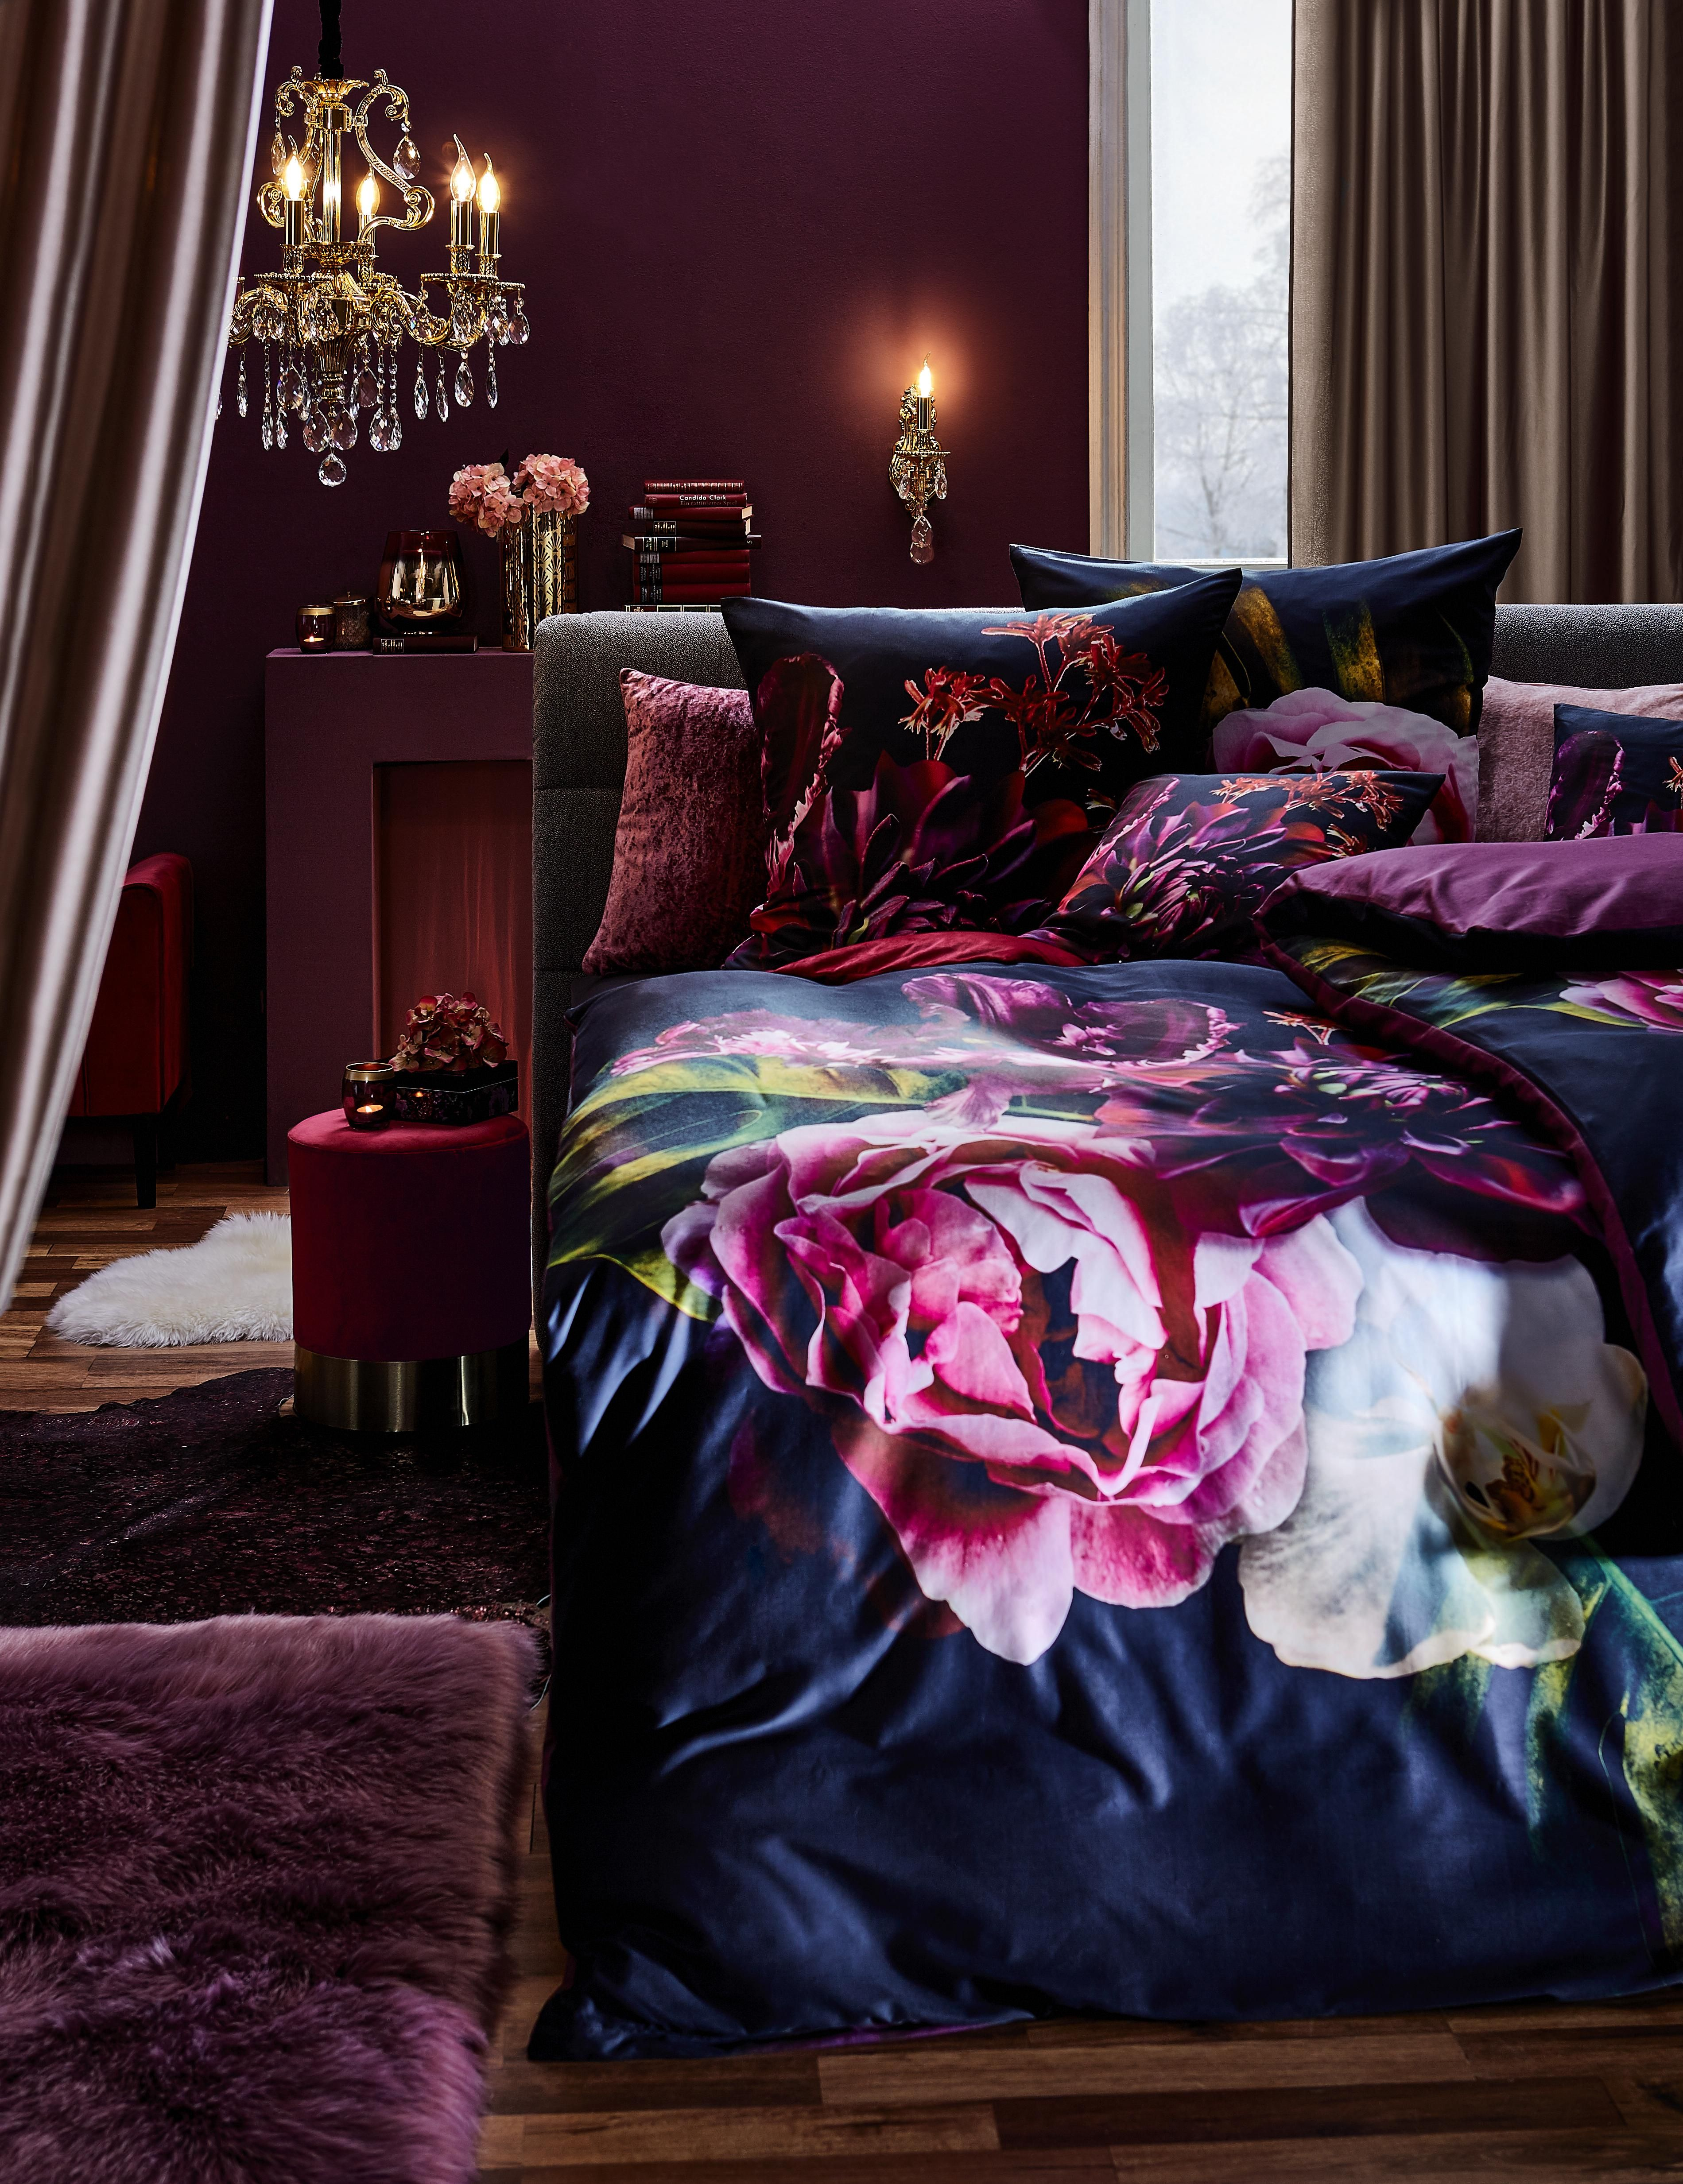 Pin Von Irene Githinji Auf Bedroom In 2020 Lila Schlafzimmer Schlafzimmer Einrichten Wandfarbe Schlafzimmer